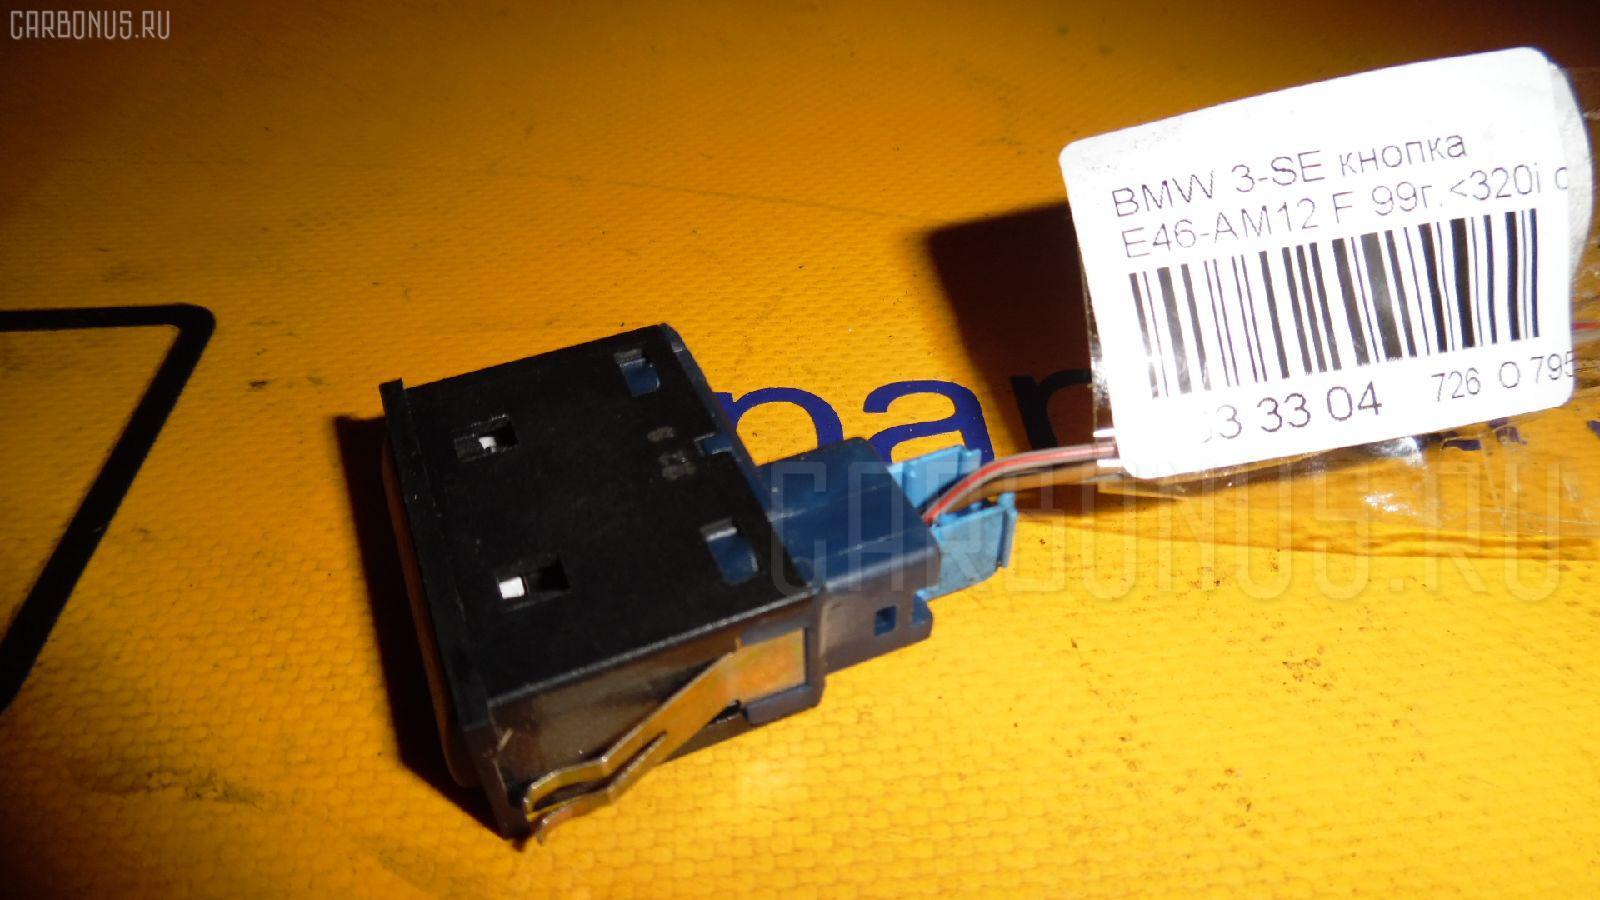 Кнопка BMW 3-SERIES E46-AM12 Фото 1